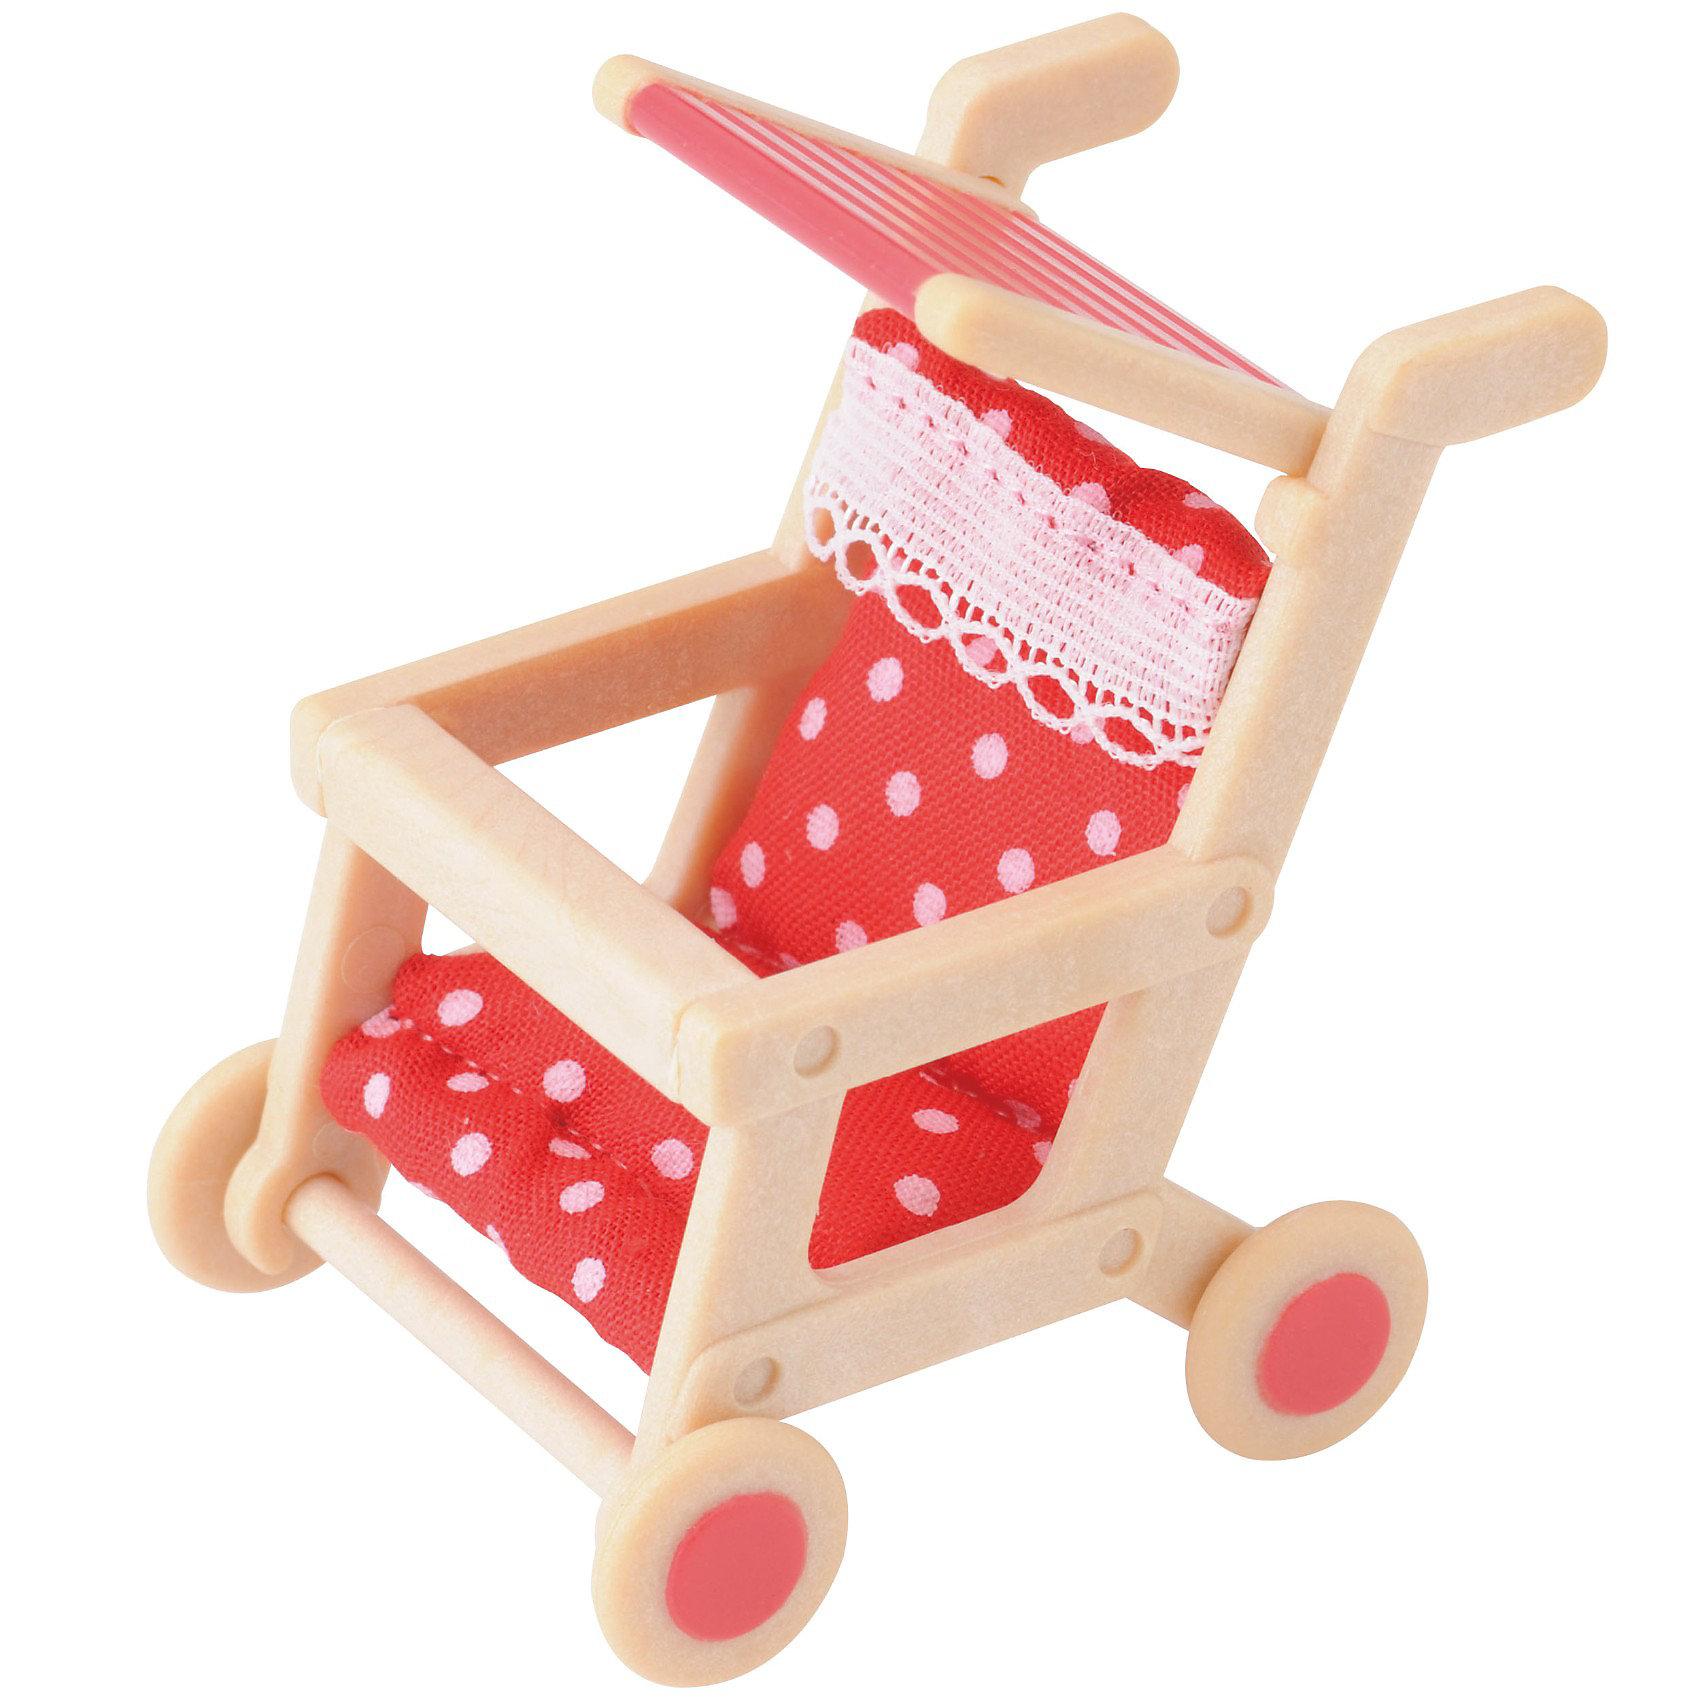 Набор Детская коляска Sylvanian FamiliesНабор Детская коляска  от Sylvanian Family ((Сильвания Фэмили) -  это прекрасная  летняя прогулочная коляска, о которой мечтает каждая девочка, ведь теперь она сможет разыгрывать сценки из собственной жизни! <br><br>Коляска выполнена из качественной пластмассы. Сиденья сделаны из мягкого текстильного материала.  У коляски есть ручки, барьер безопасности, подножки и 4 колёсика, которые легко вращаются. Поручень находится на уровне лапок мамы, поэтому она сможет легко катить коляску перед собой. Солнцезащитный тент легко складывается и поднимается – малышу  не страшны дождь и солнце!<br><br>В  наборе: Детская коляска с подушкой, подходит для зверят размером 5,5 см.<br>Размер коробки: 18 * 17 * 8 см.<br><br>Ширина мм: 75<br>Глубина мм: 93<br>Высота мм: 45<br>Вес г: 26<br>Возраст от месяцев: 36<br>Возраст до месяцев: 72<br>Пол: Женский<br>Возраст: Детский<br>SKU: 2196841